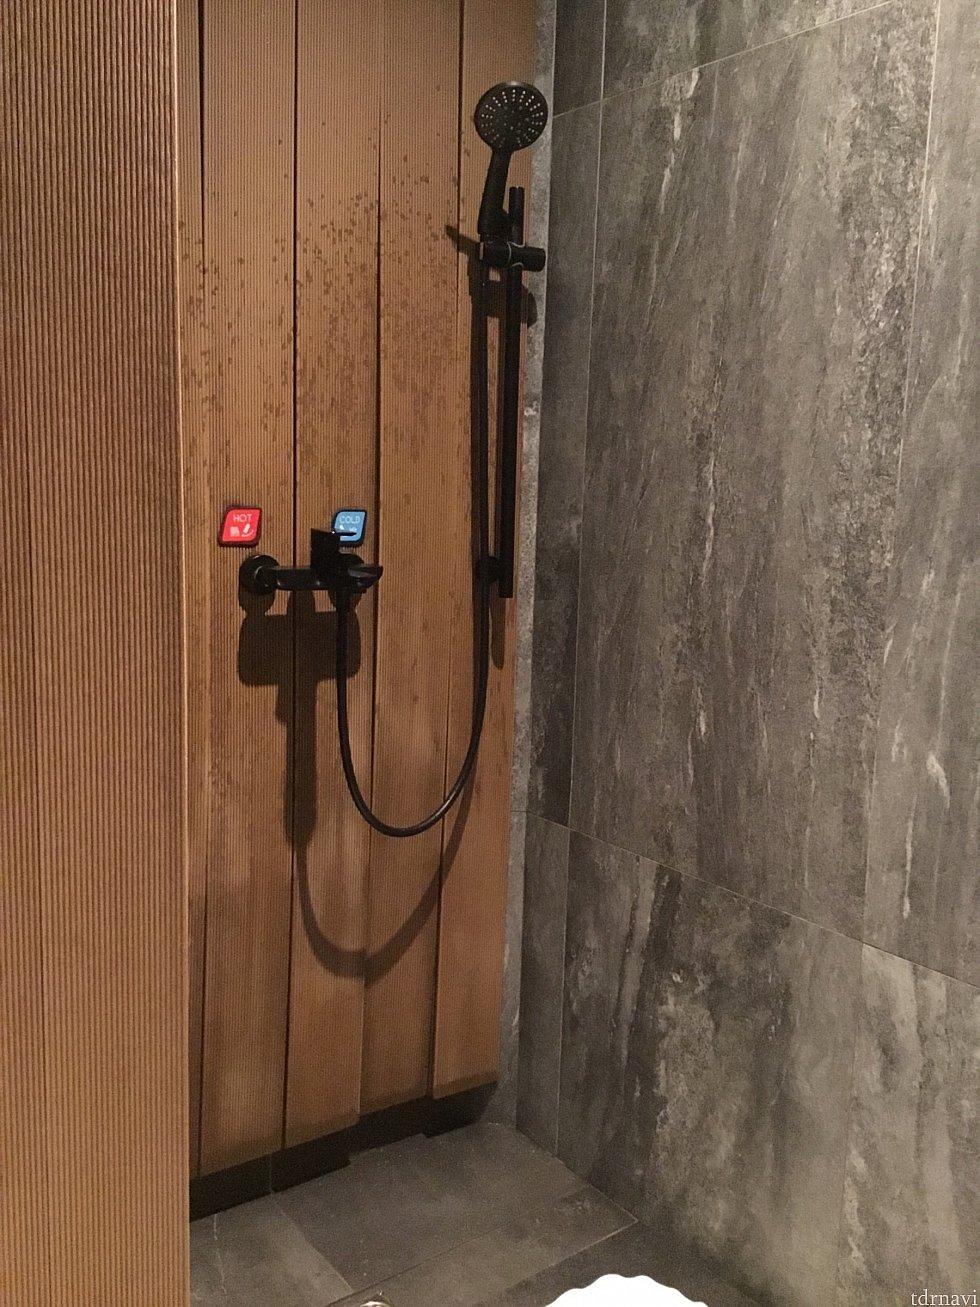 水圧バッチリ!シャワーは小さいバーを少し引っ張ると出ます。 シャワーの横に備え付けのバスグッズがあります